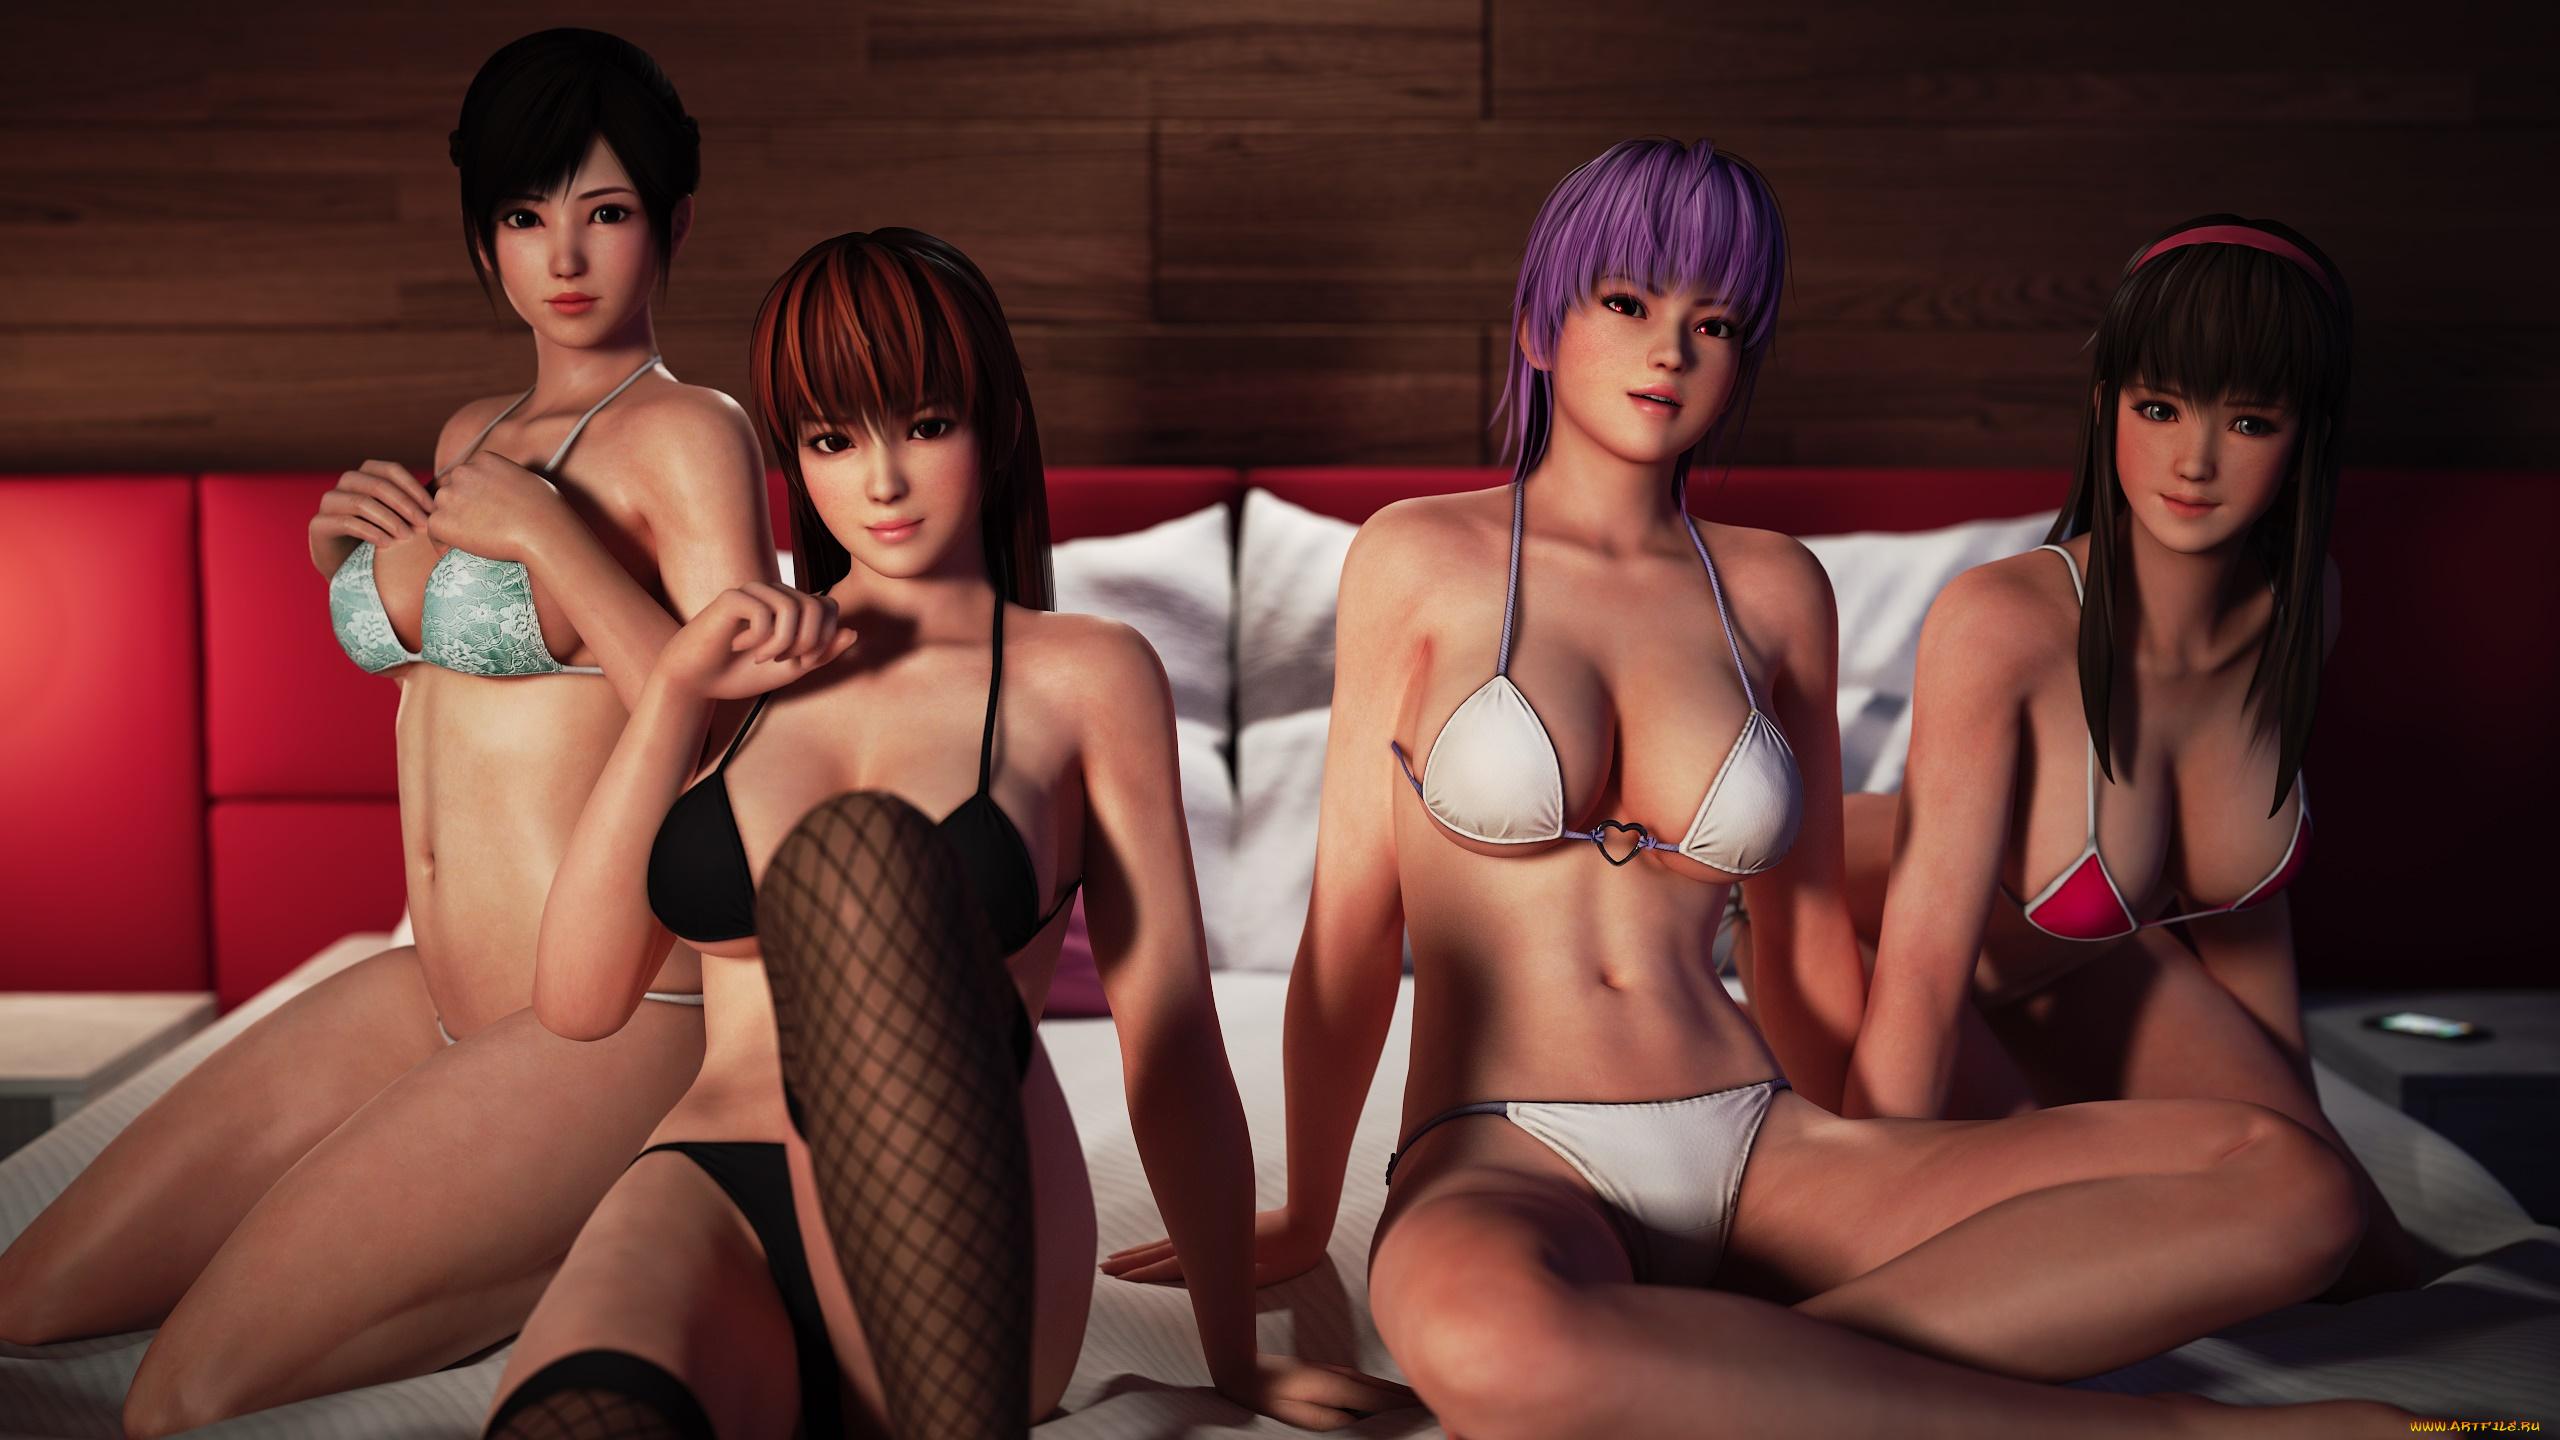 Флеш игры эро джессика, Джессика Рэббит В Порно Играть Секс Игры Онлайн 14 фотография